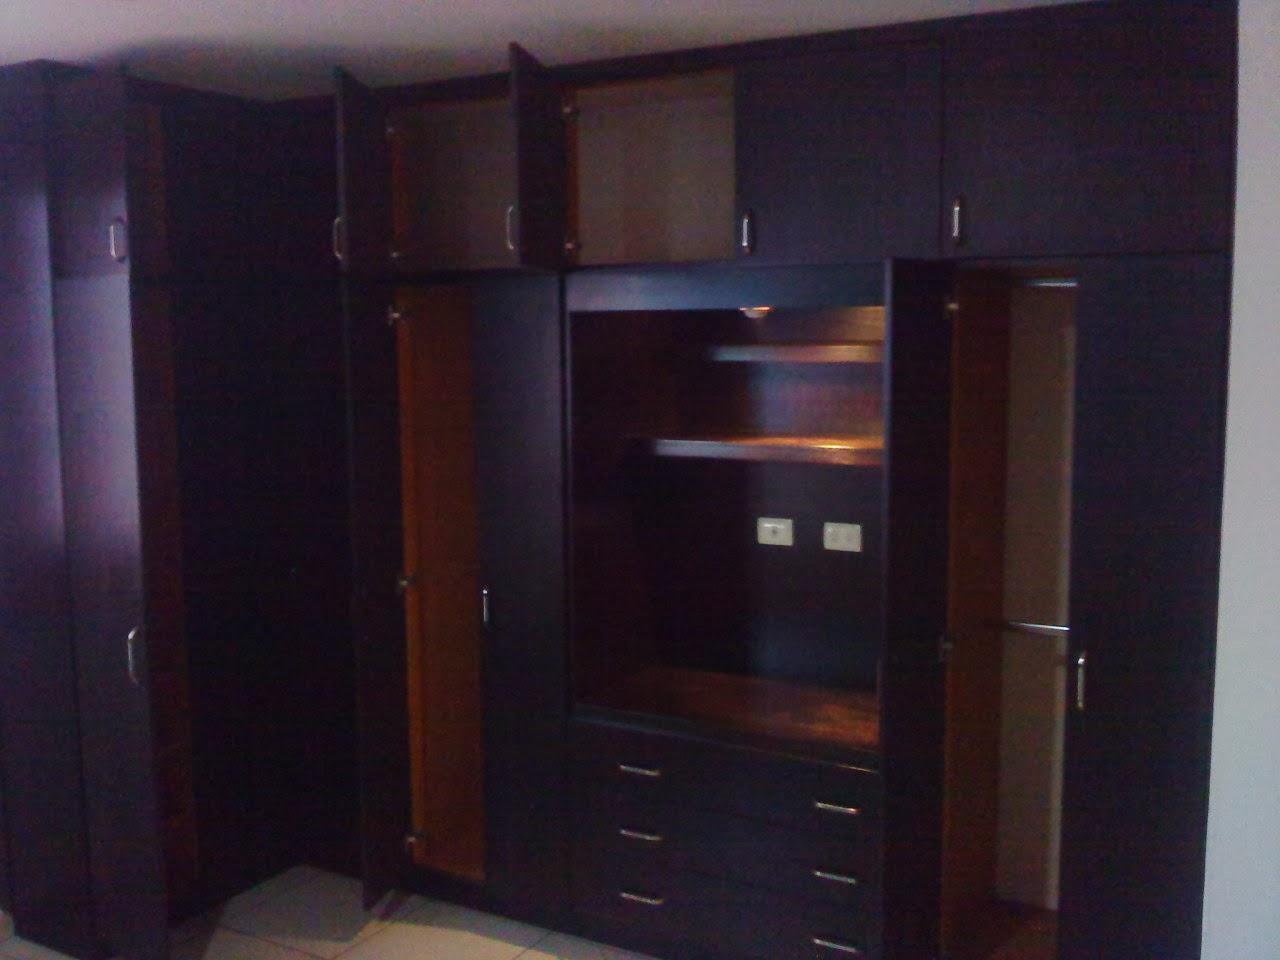 Cocinas Y Closets Of Closets Y Cocinas Integrales Residencial Closet En Escuadra